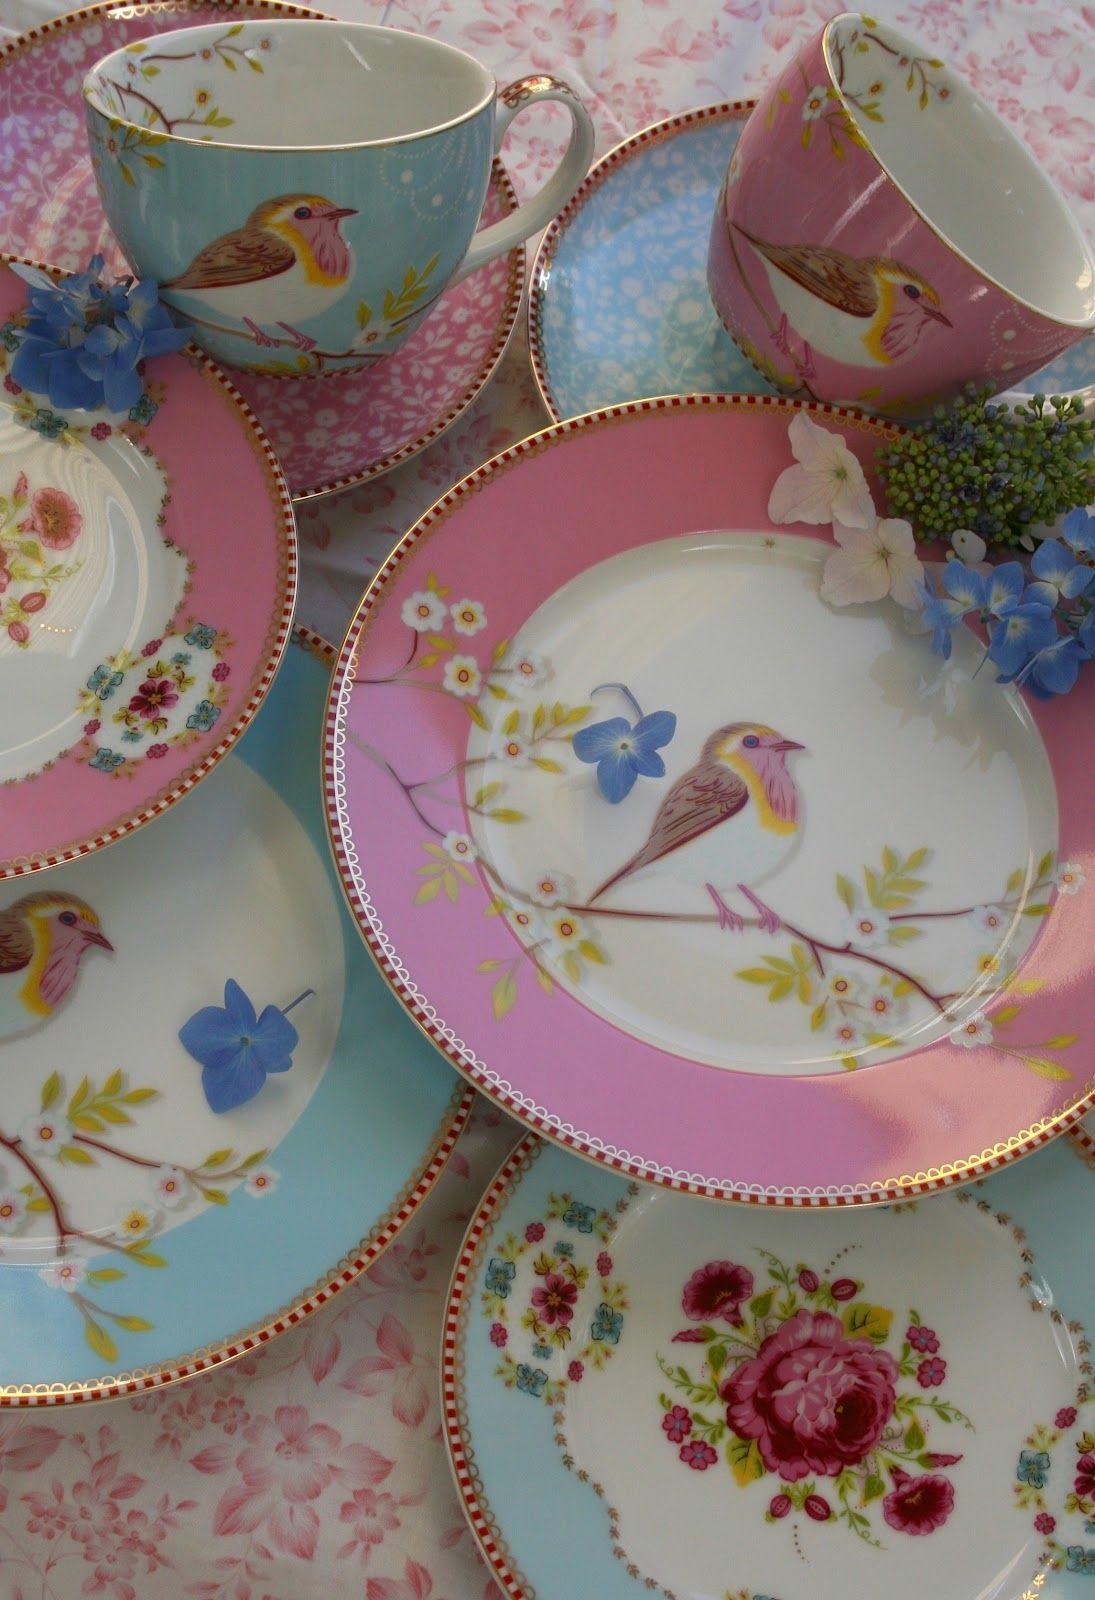 pretty china with birds birds in arts crafts pinterest geschirr porzellan und romantik. Black Bedroom Furniture Sets. Home Design Ideas